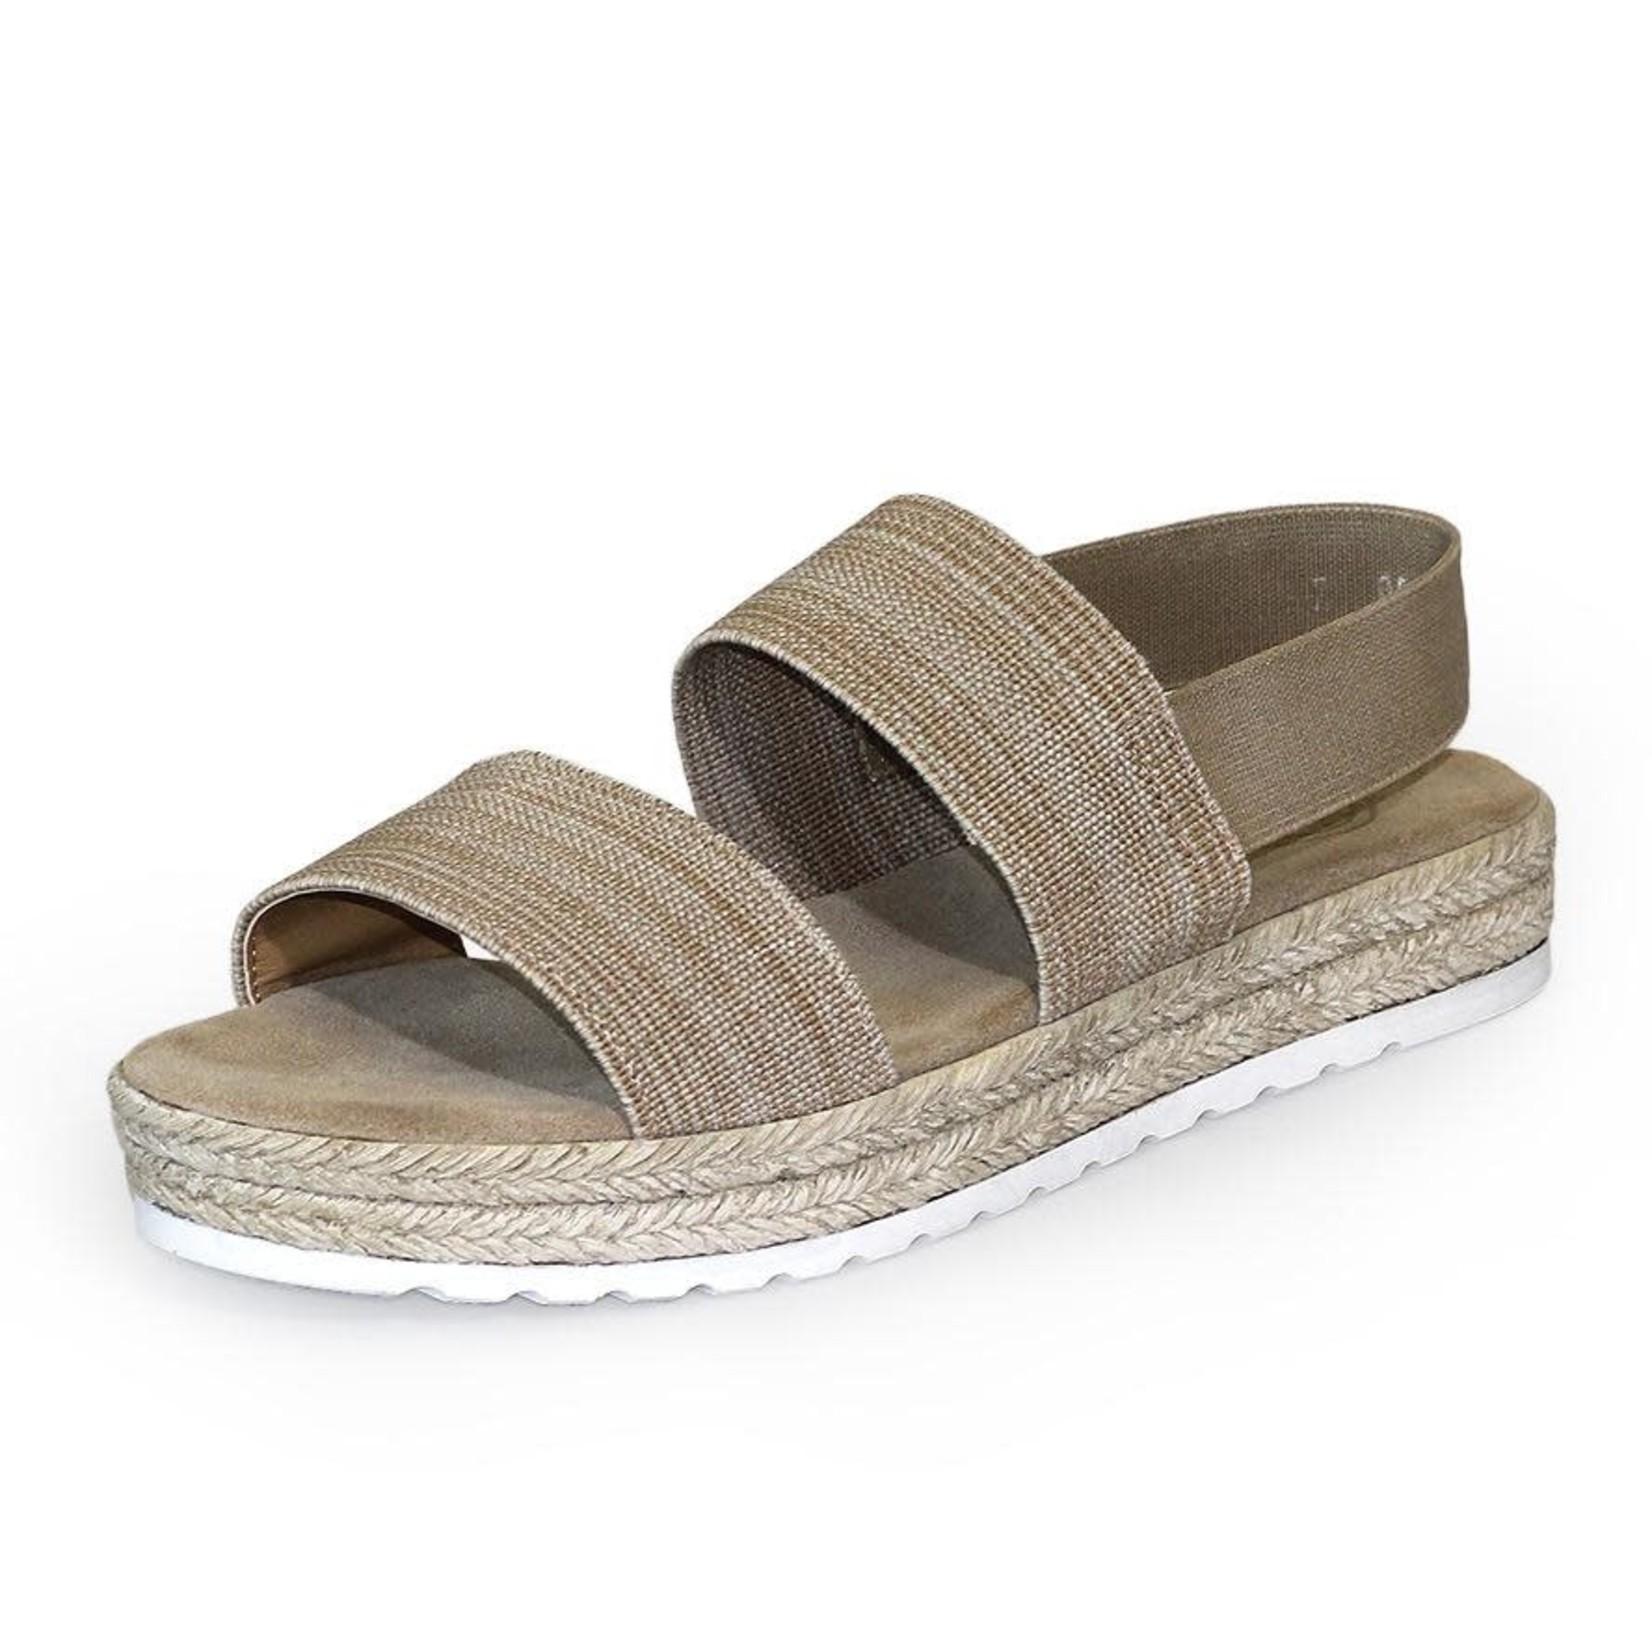 Ojai Sandal in Linen Size 9